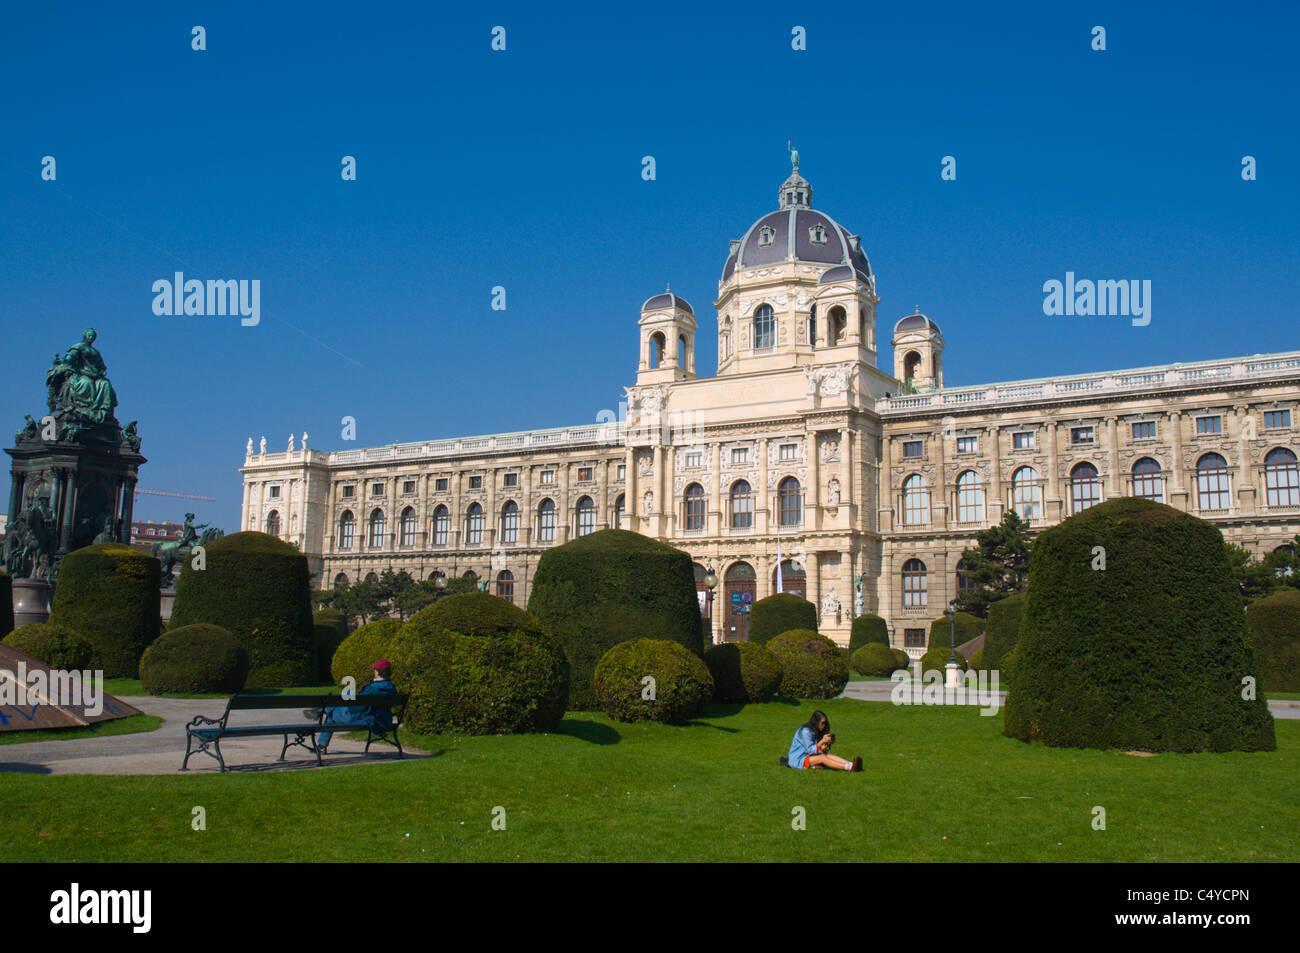 Naturhistorische Museum außen am Maria-Theresien-Platz quadratische Innere Stadt Vienna Austria zentrale Mitteleuropa Stockbild